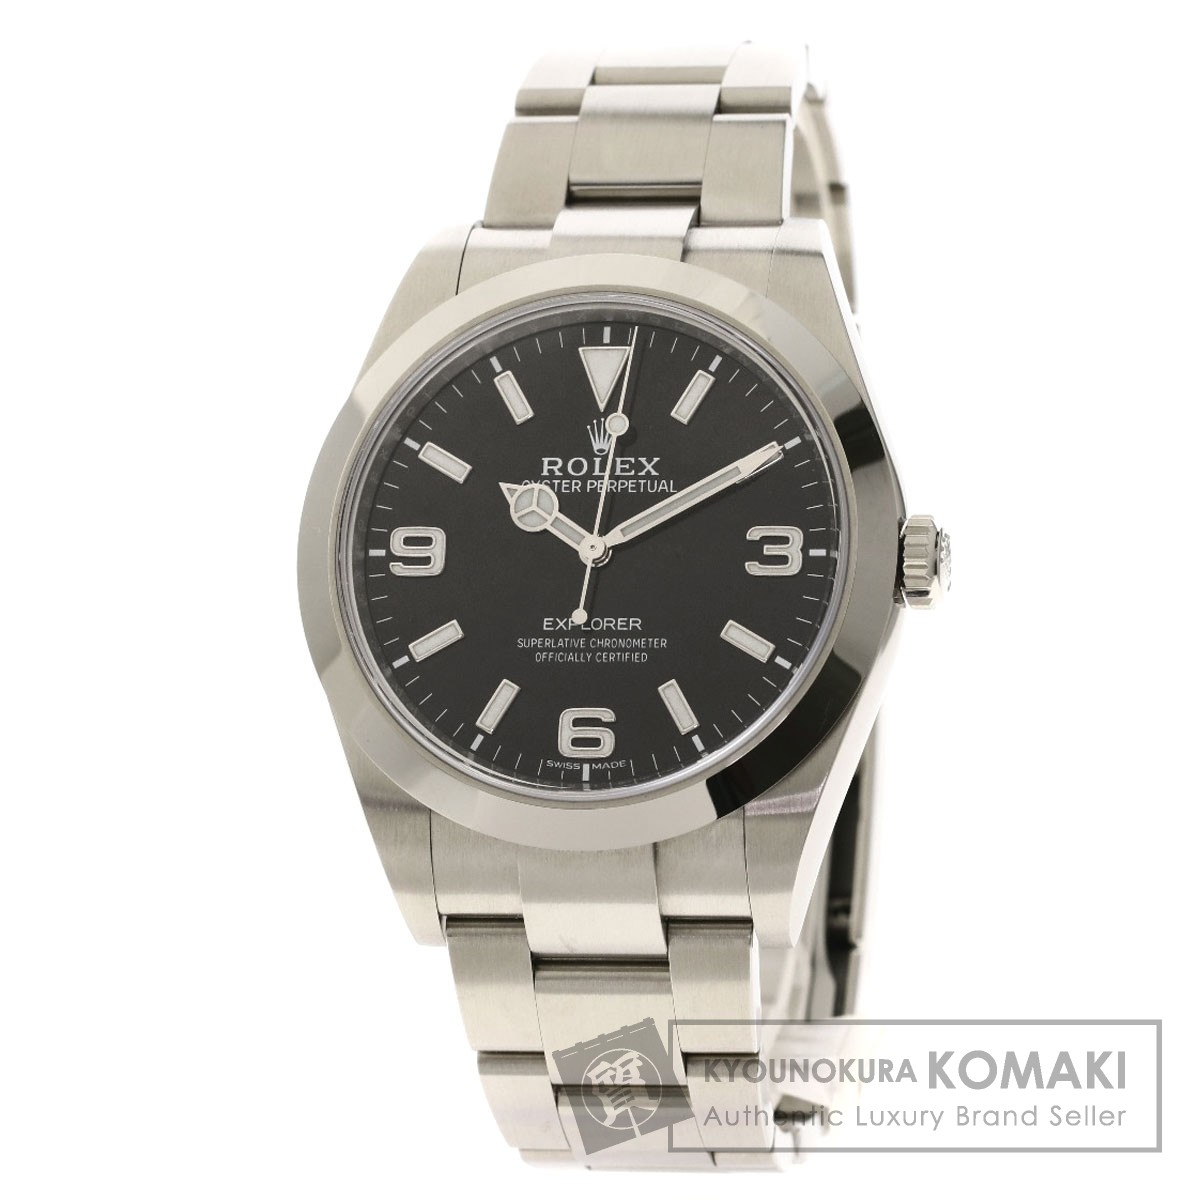 ロレックス 214270 エクスプローラー1 腕時計 ステンレススチール メンズ 【中古】【ROLEX】